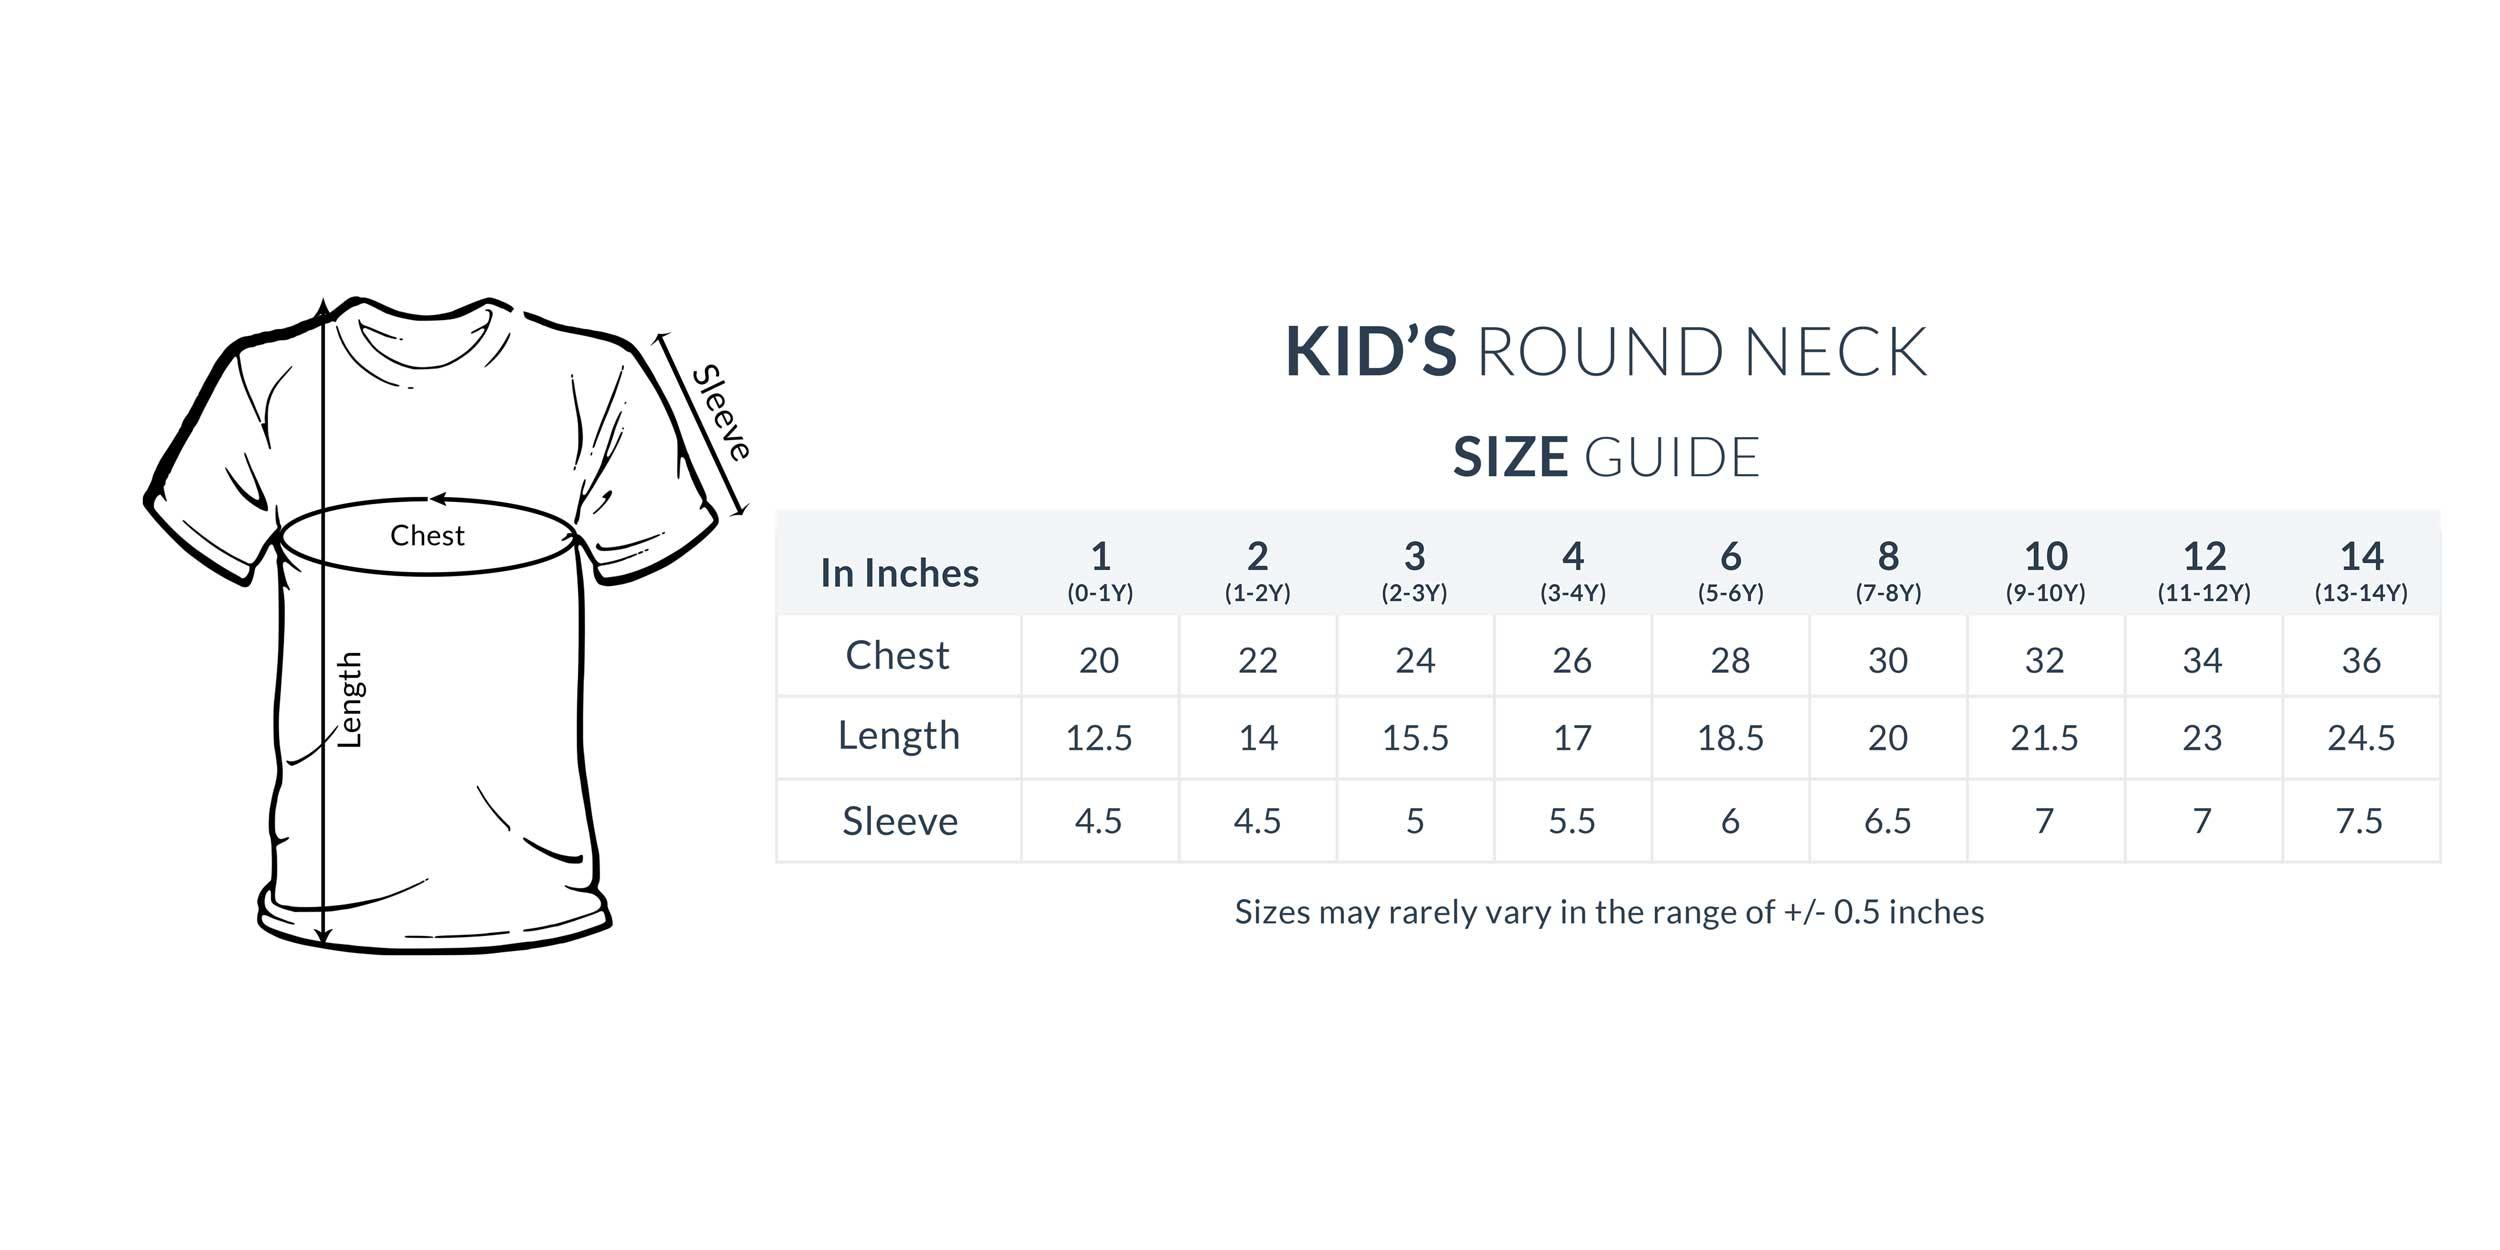 Kid's Round Neck Size Chart